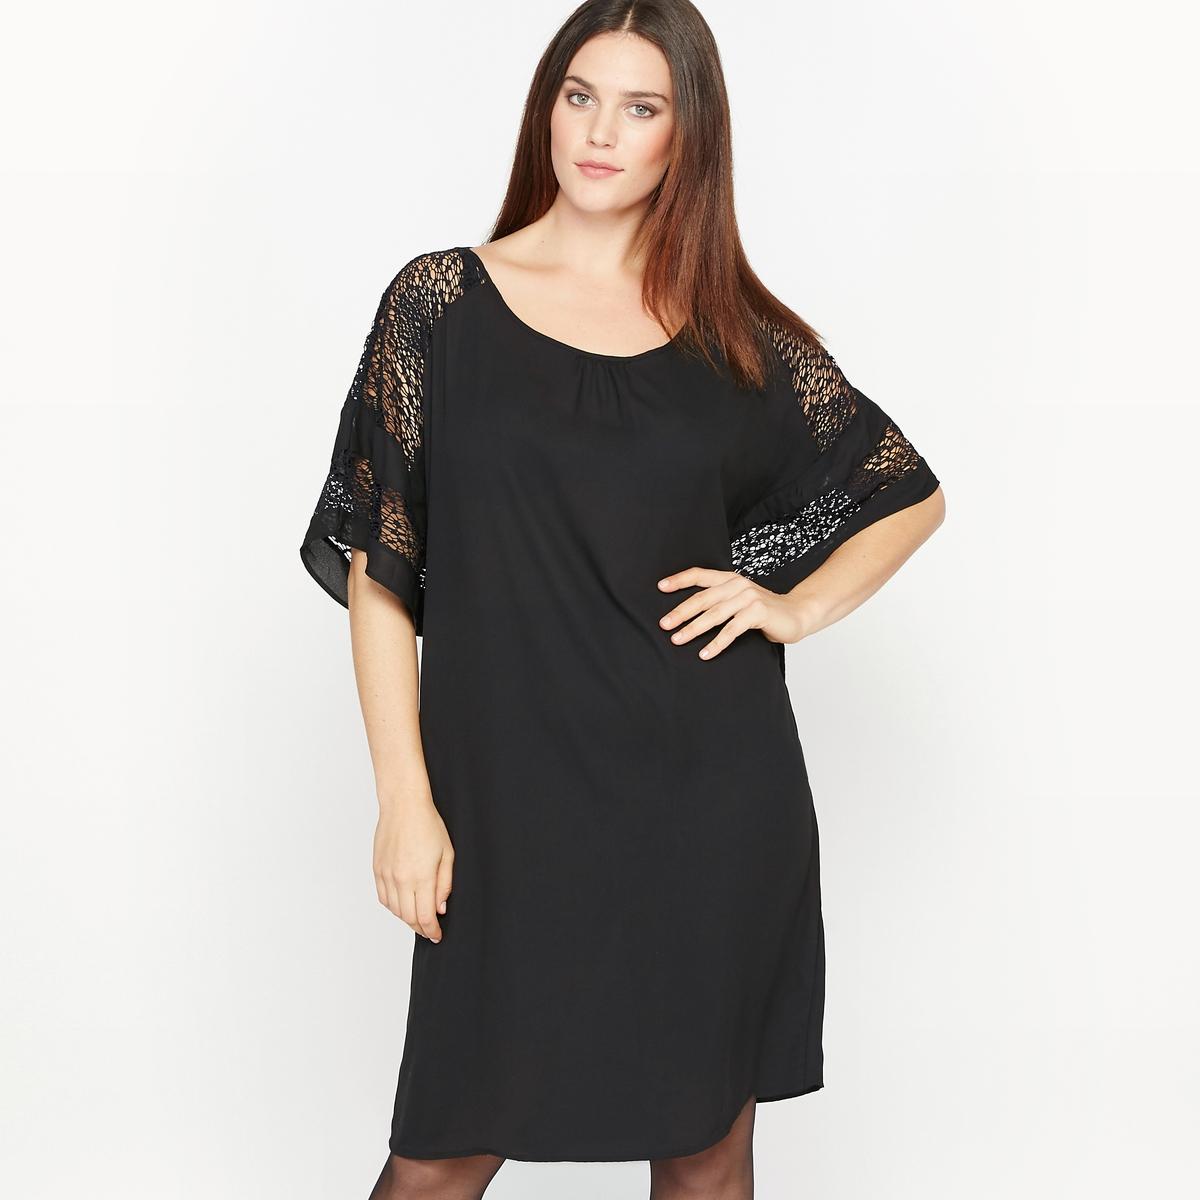 Платье с кружевомСостав и описание :Материал : 100% полиэстер.Кружево 95% полиамида, 5% эластана.Длина : 95 см.Марка : CASTALUNAУход : Машинная стирка при 30 °С.<br><br>Цвет: черный<br>Размер: 48 (FR) - 54 (RUS)